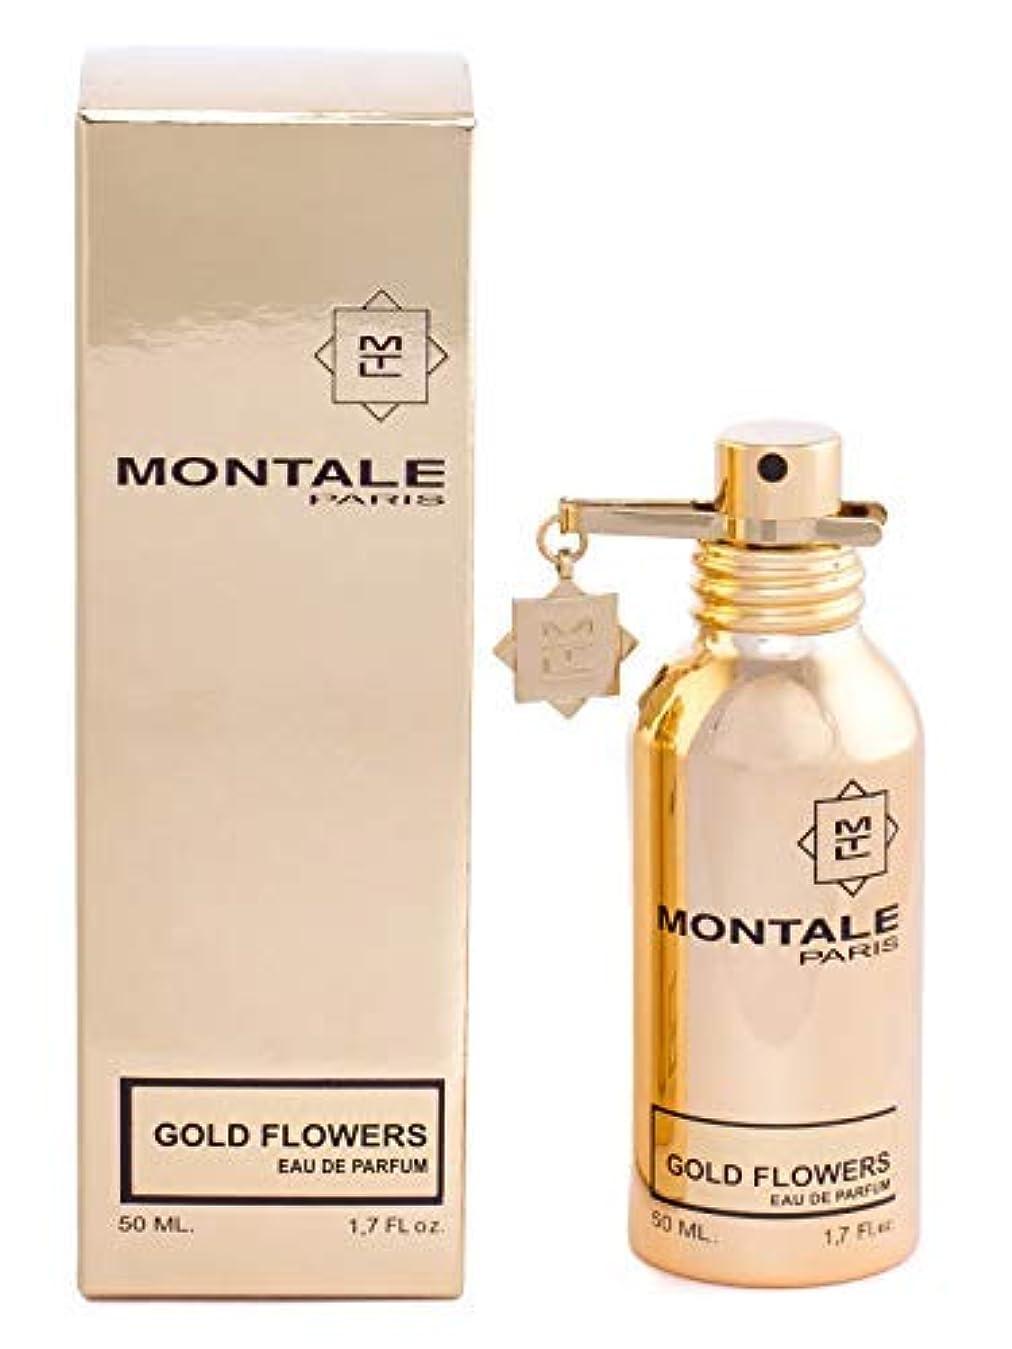 謝罪する華氏大きさMONTALE GOLD FLOWERS Eau de Perfume 50ml Made in France 100% 本物のモンターレ ゴールド花香水 50 ml フランス製 +2サンプル無料! + 30 mlスキンケア無料!